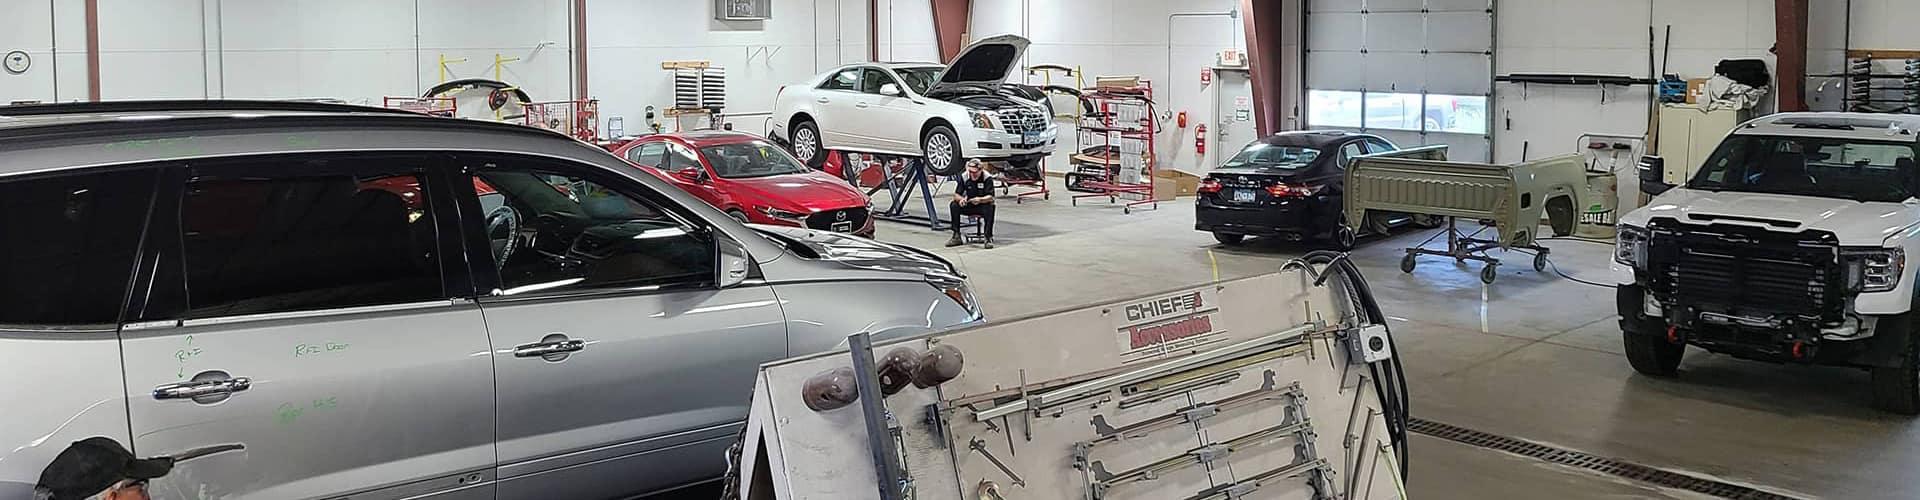 Inside Miller Auto Body 4 1920px x 500px